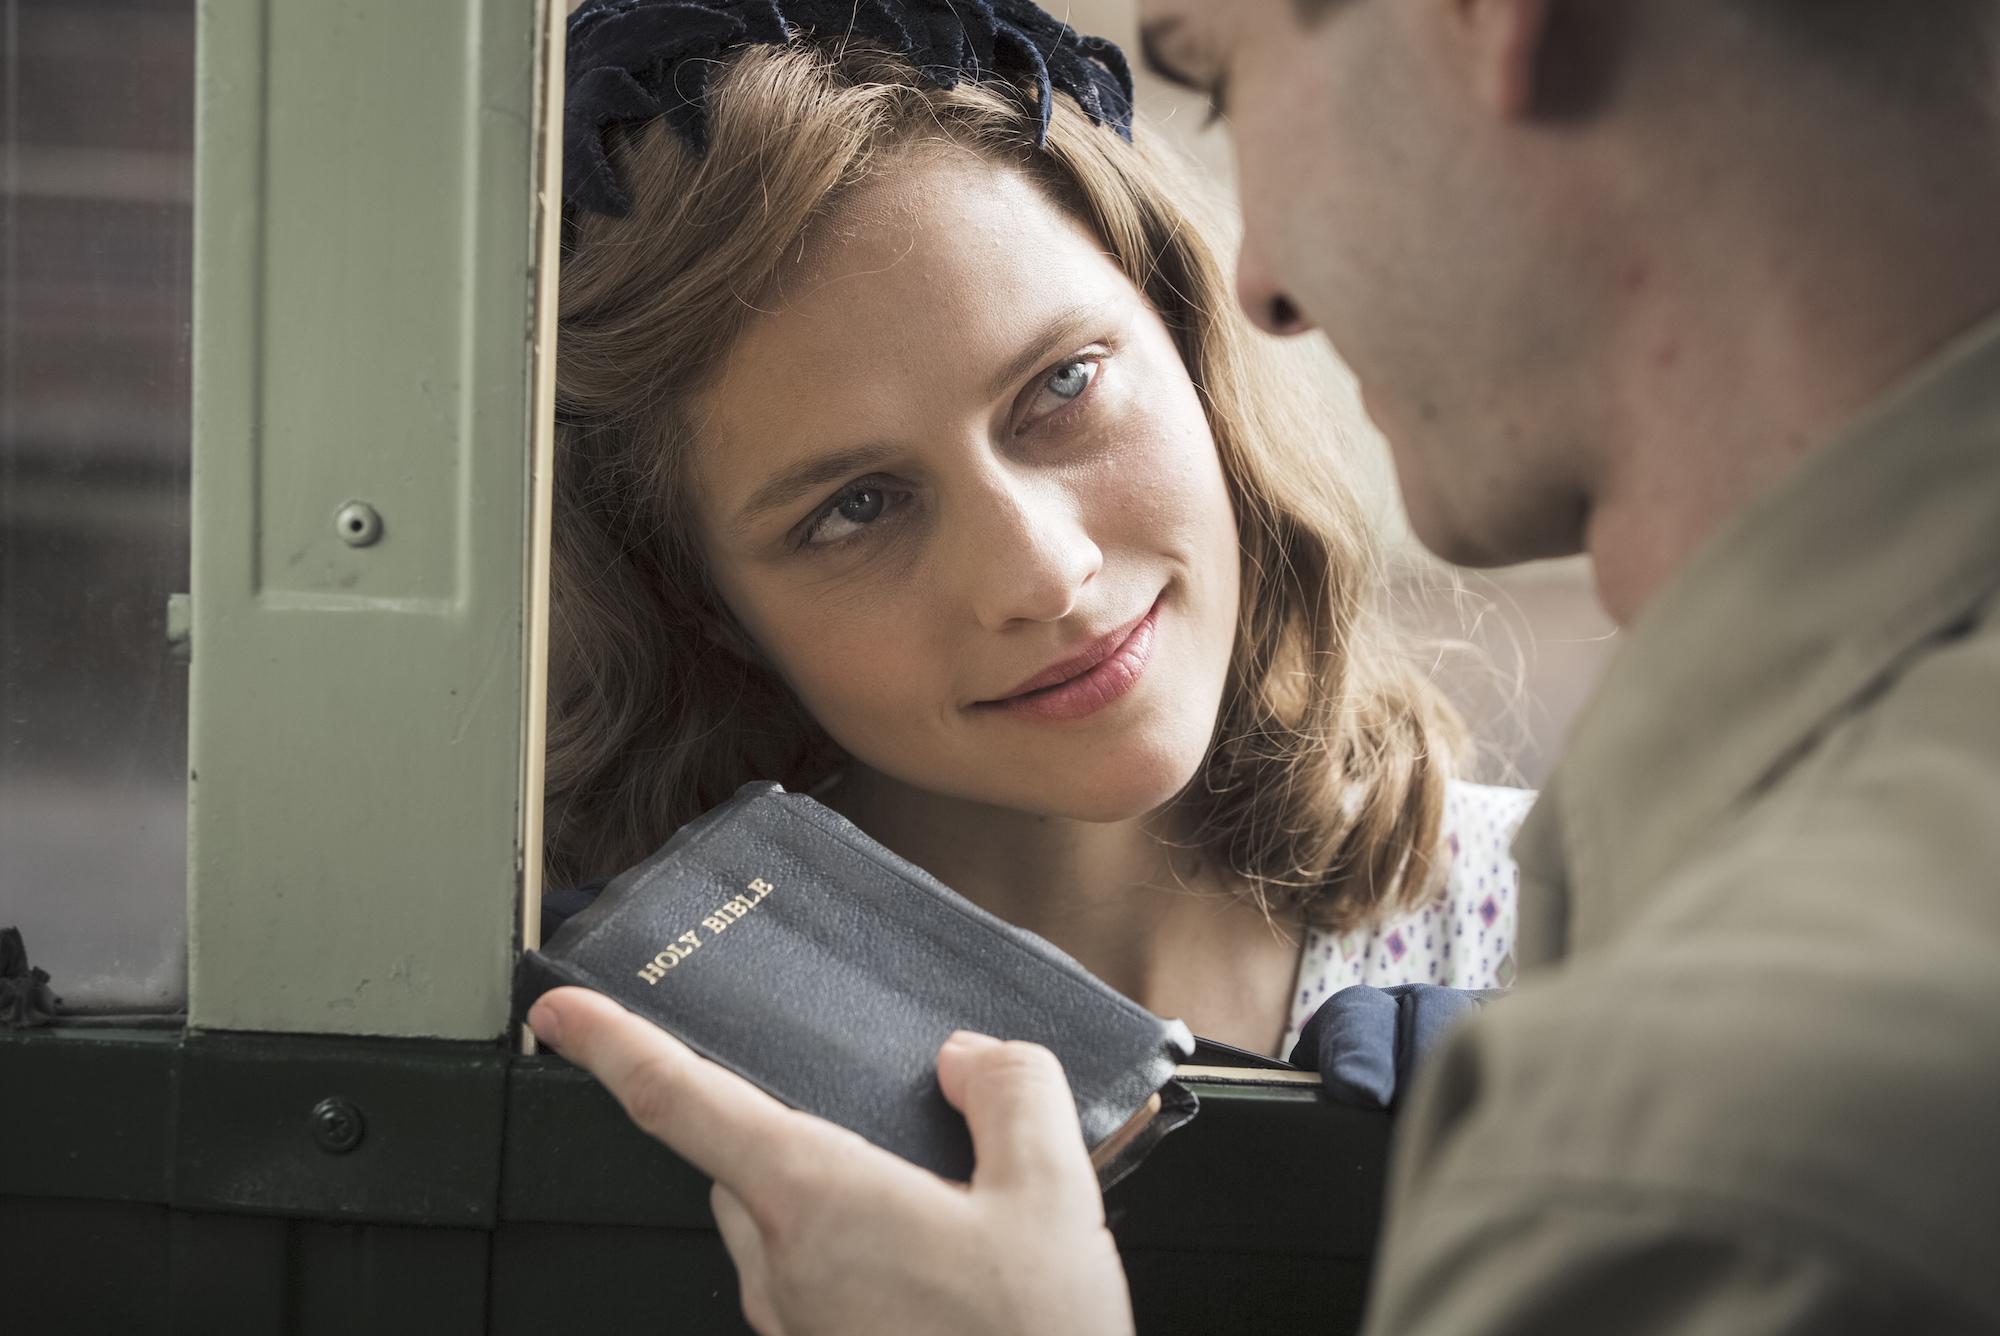 Kjæresten Dorothy (Teresa Palmer) og Bibelen blir holdepunkter som berger Desmond gjennom mobbingen i militærleiren.